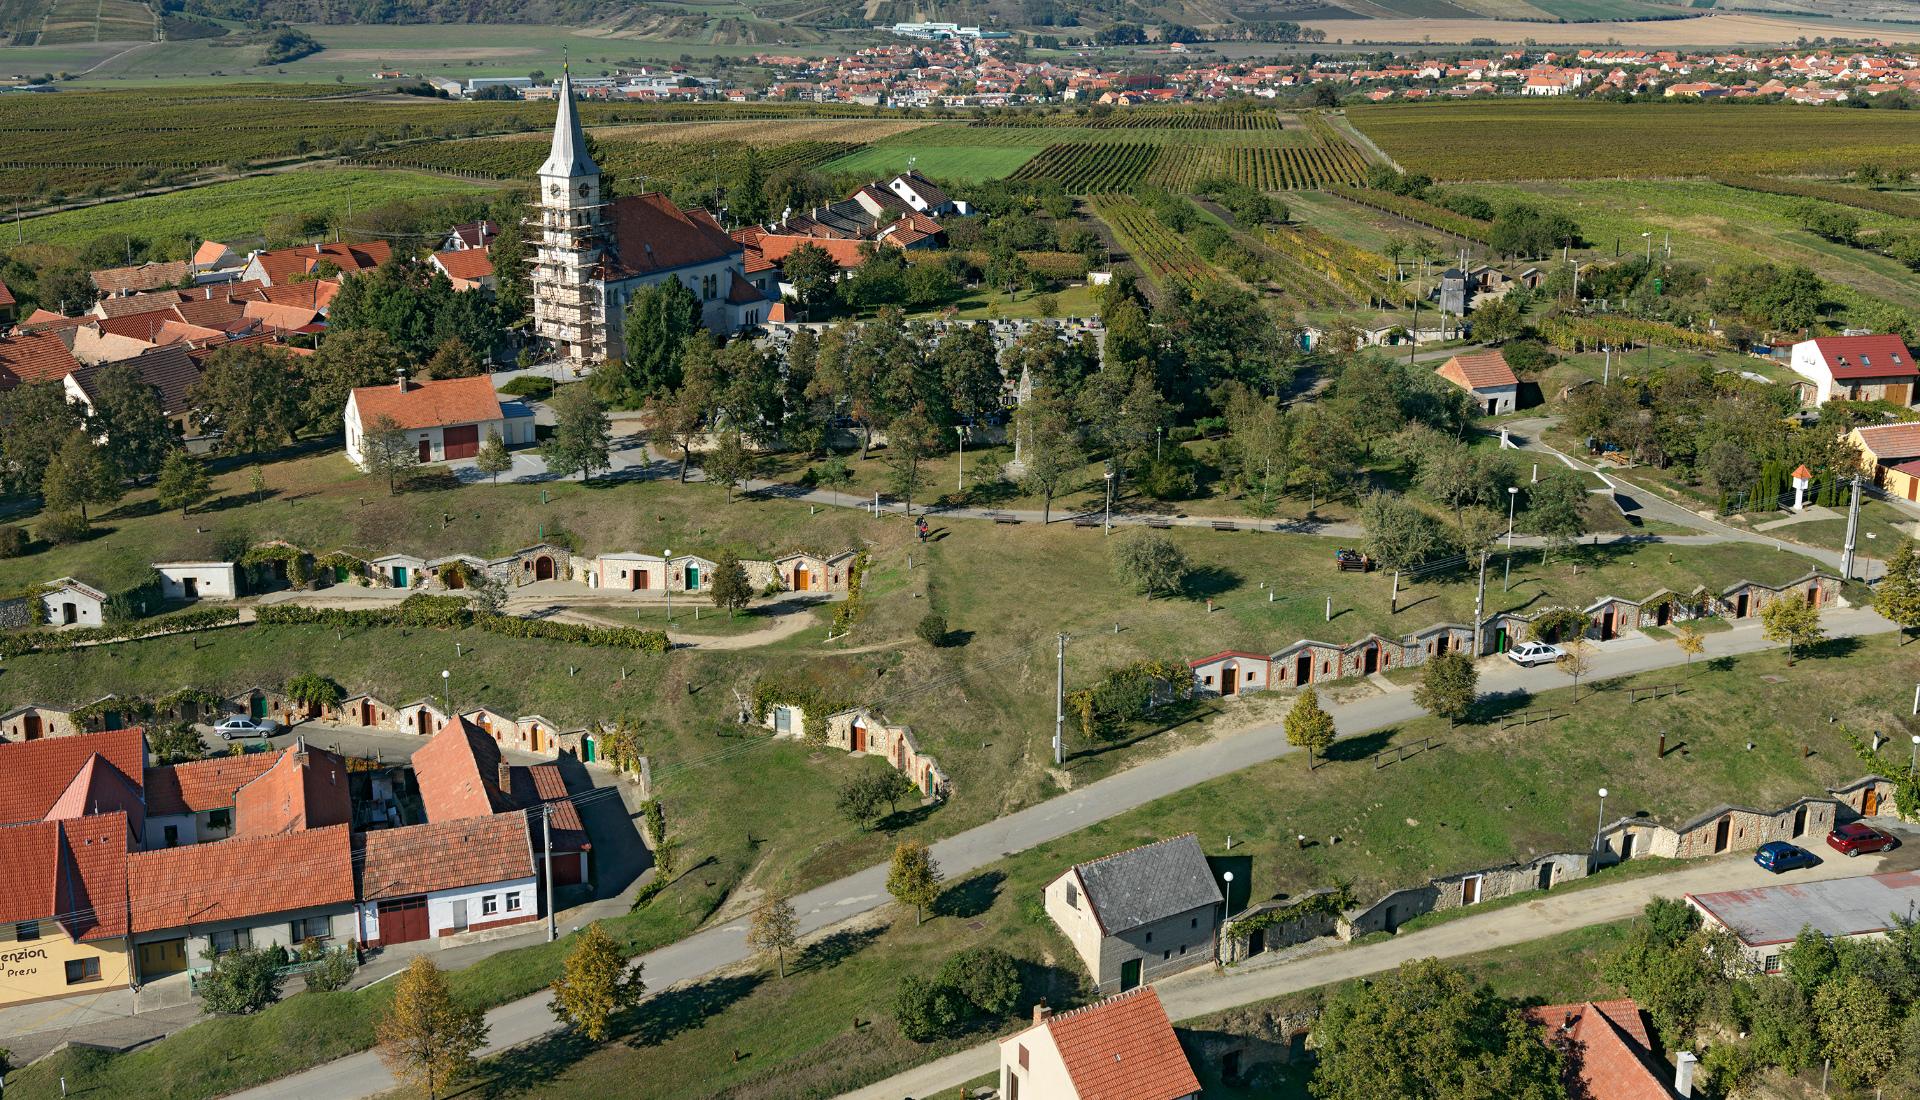 Vinné sklepy ve Vrbici - Letova fotografie - Miroslav Kamrla - 2- 1920x1110_4